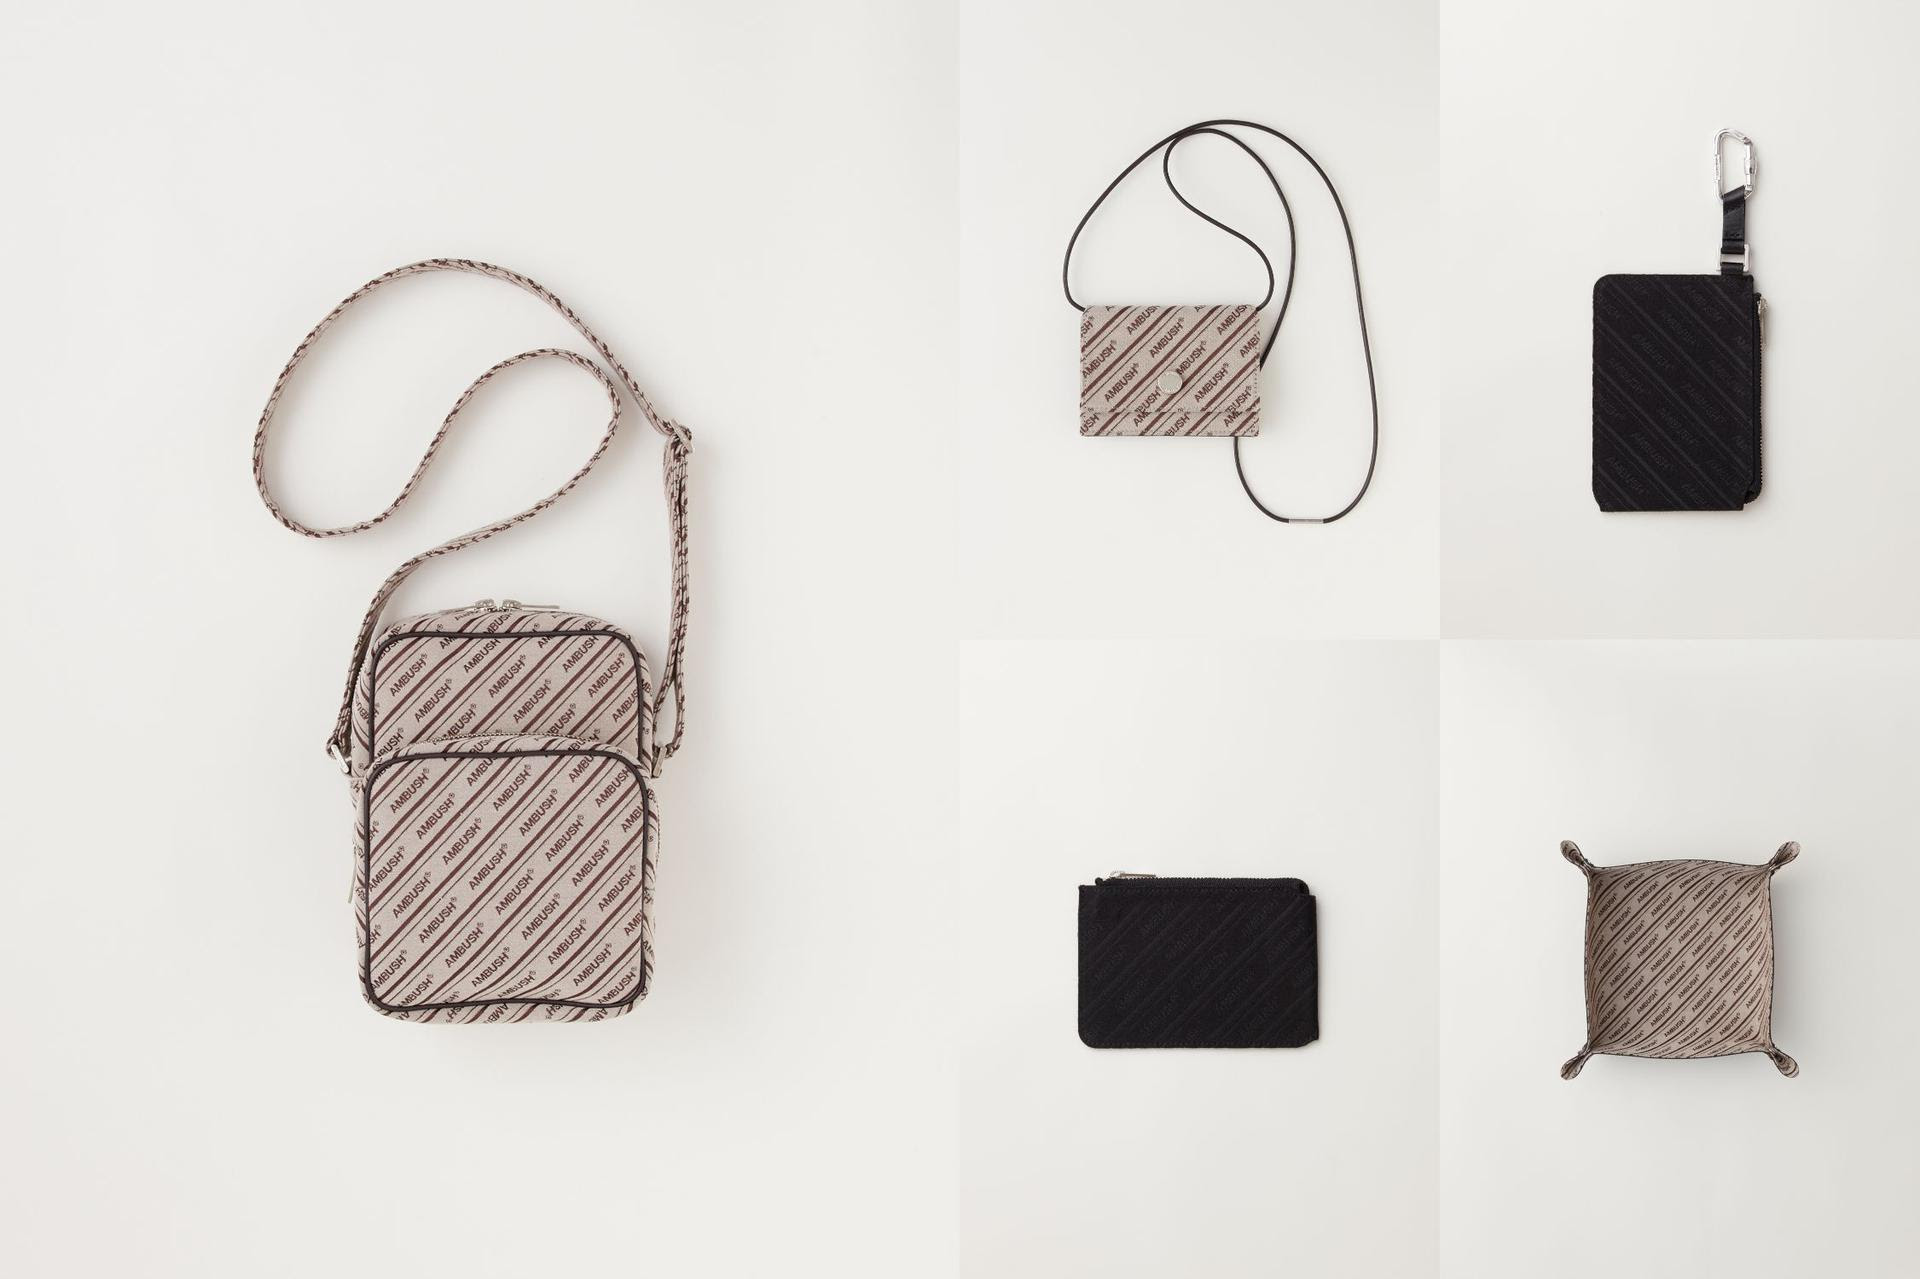 お家でも旅先でも身軽に自分らしく。アンブッシュ®からファッション小物に特化した「ロゴ キャンバス シリーズ」が発売。